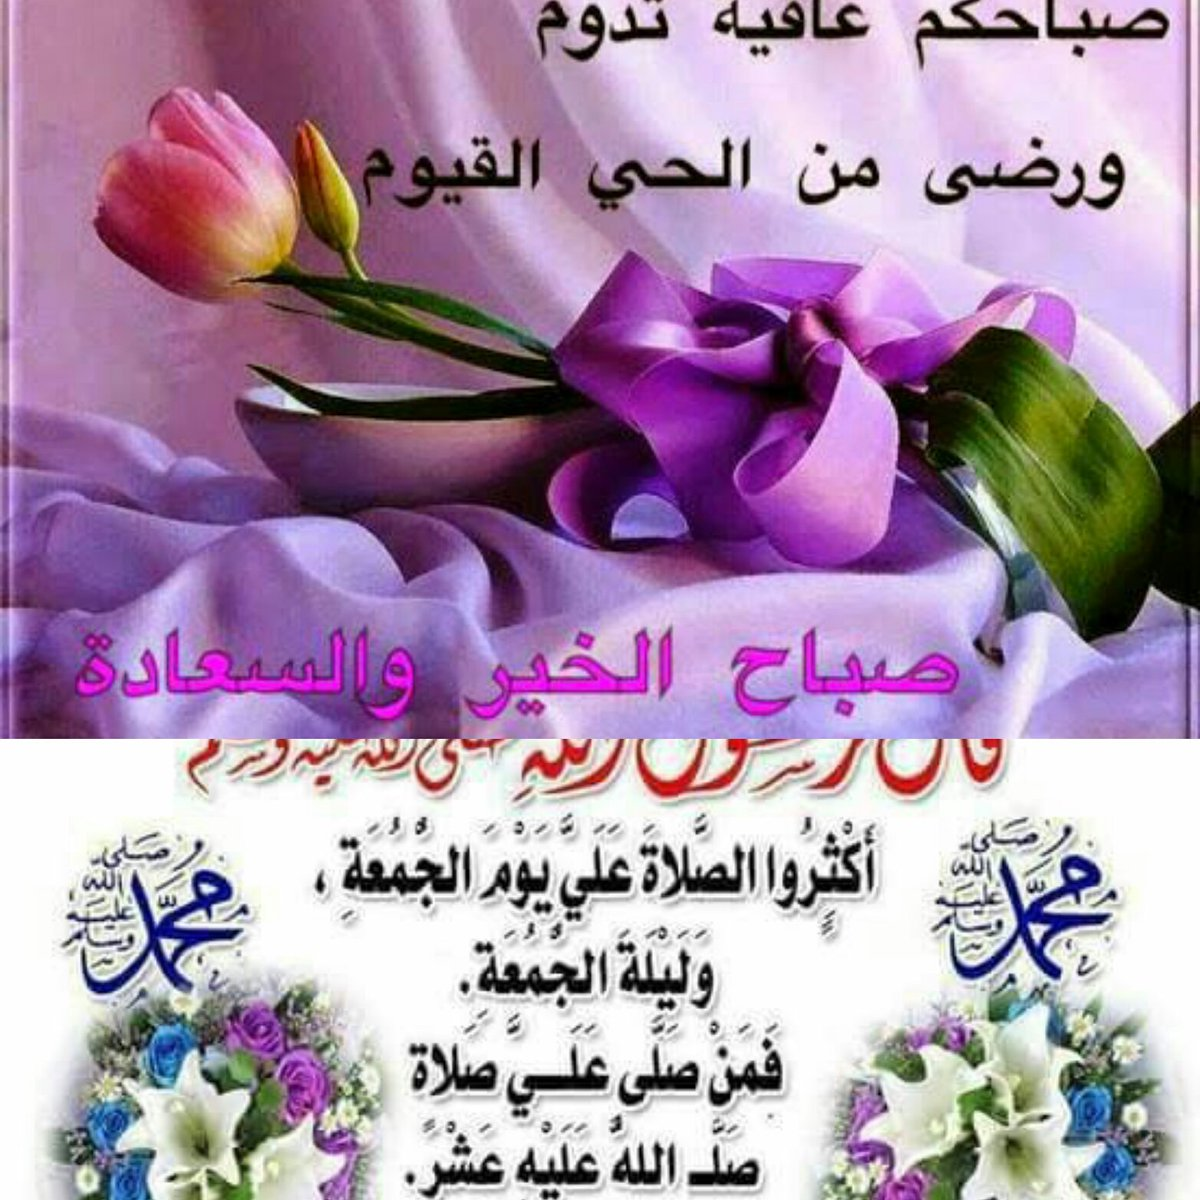 #جمعه_مباركه صلي علي محمد وسلم تسليما كث...